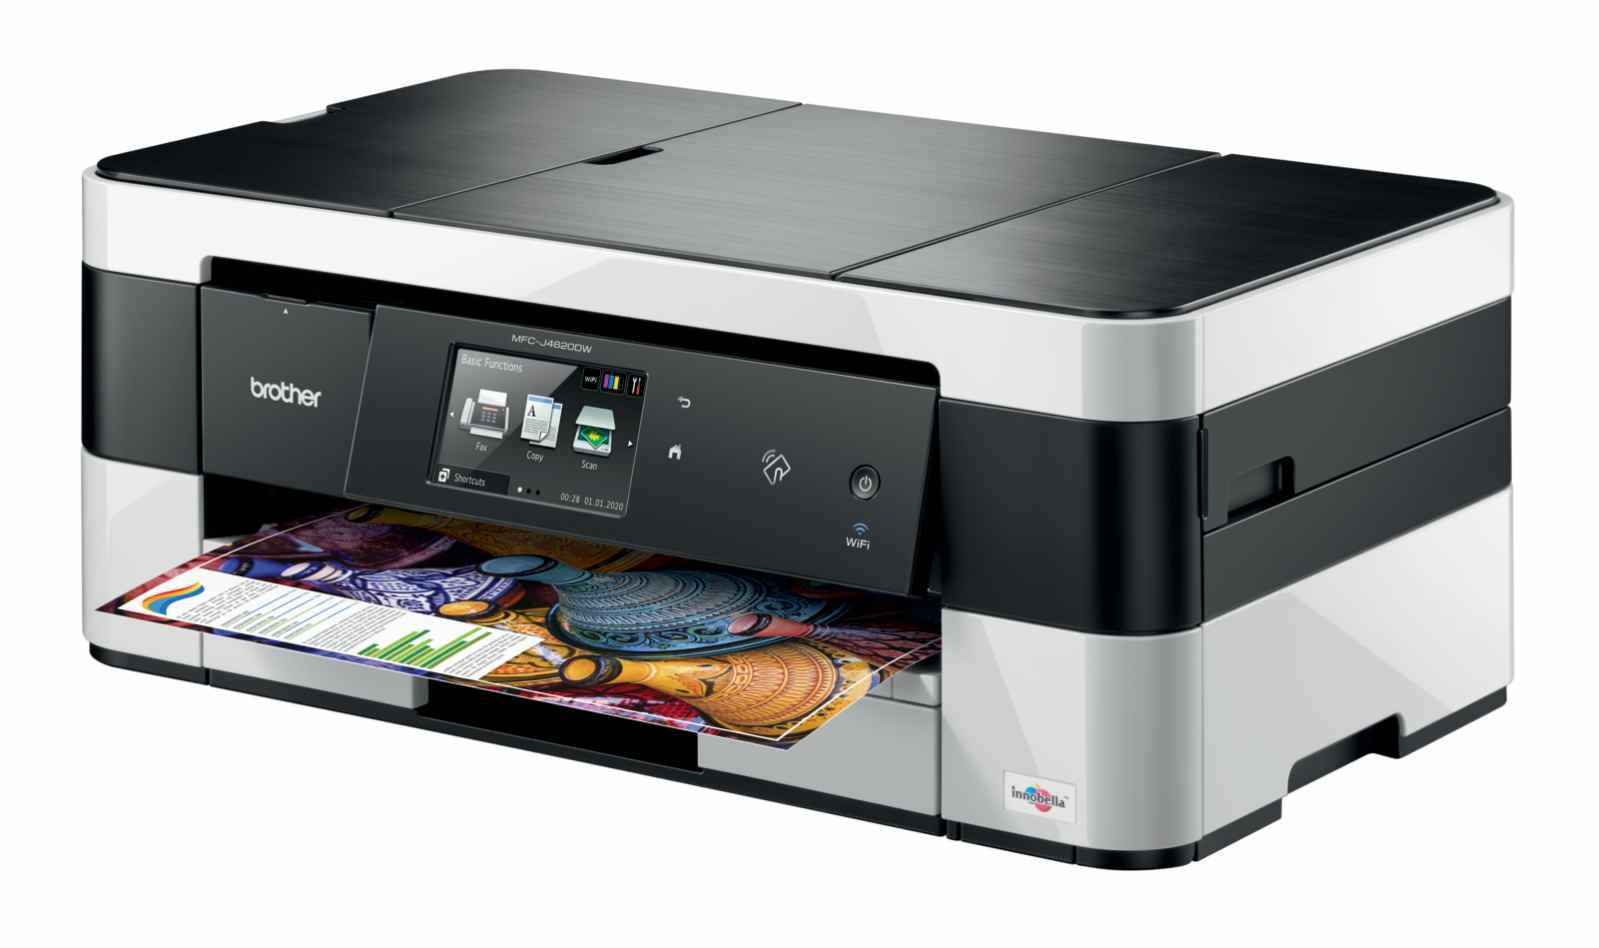 Brother MFC-J4620DW, tiskárna/kopírka/skener/fax, tisk na šířku, duplexní tisk, síť, ethernet, WiFi, NFC, dotykový LCD